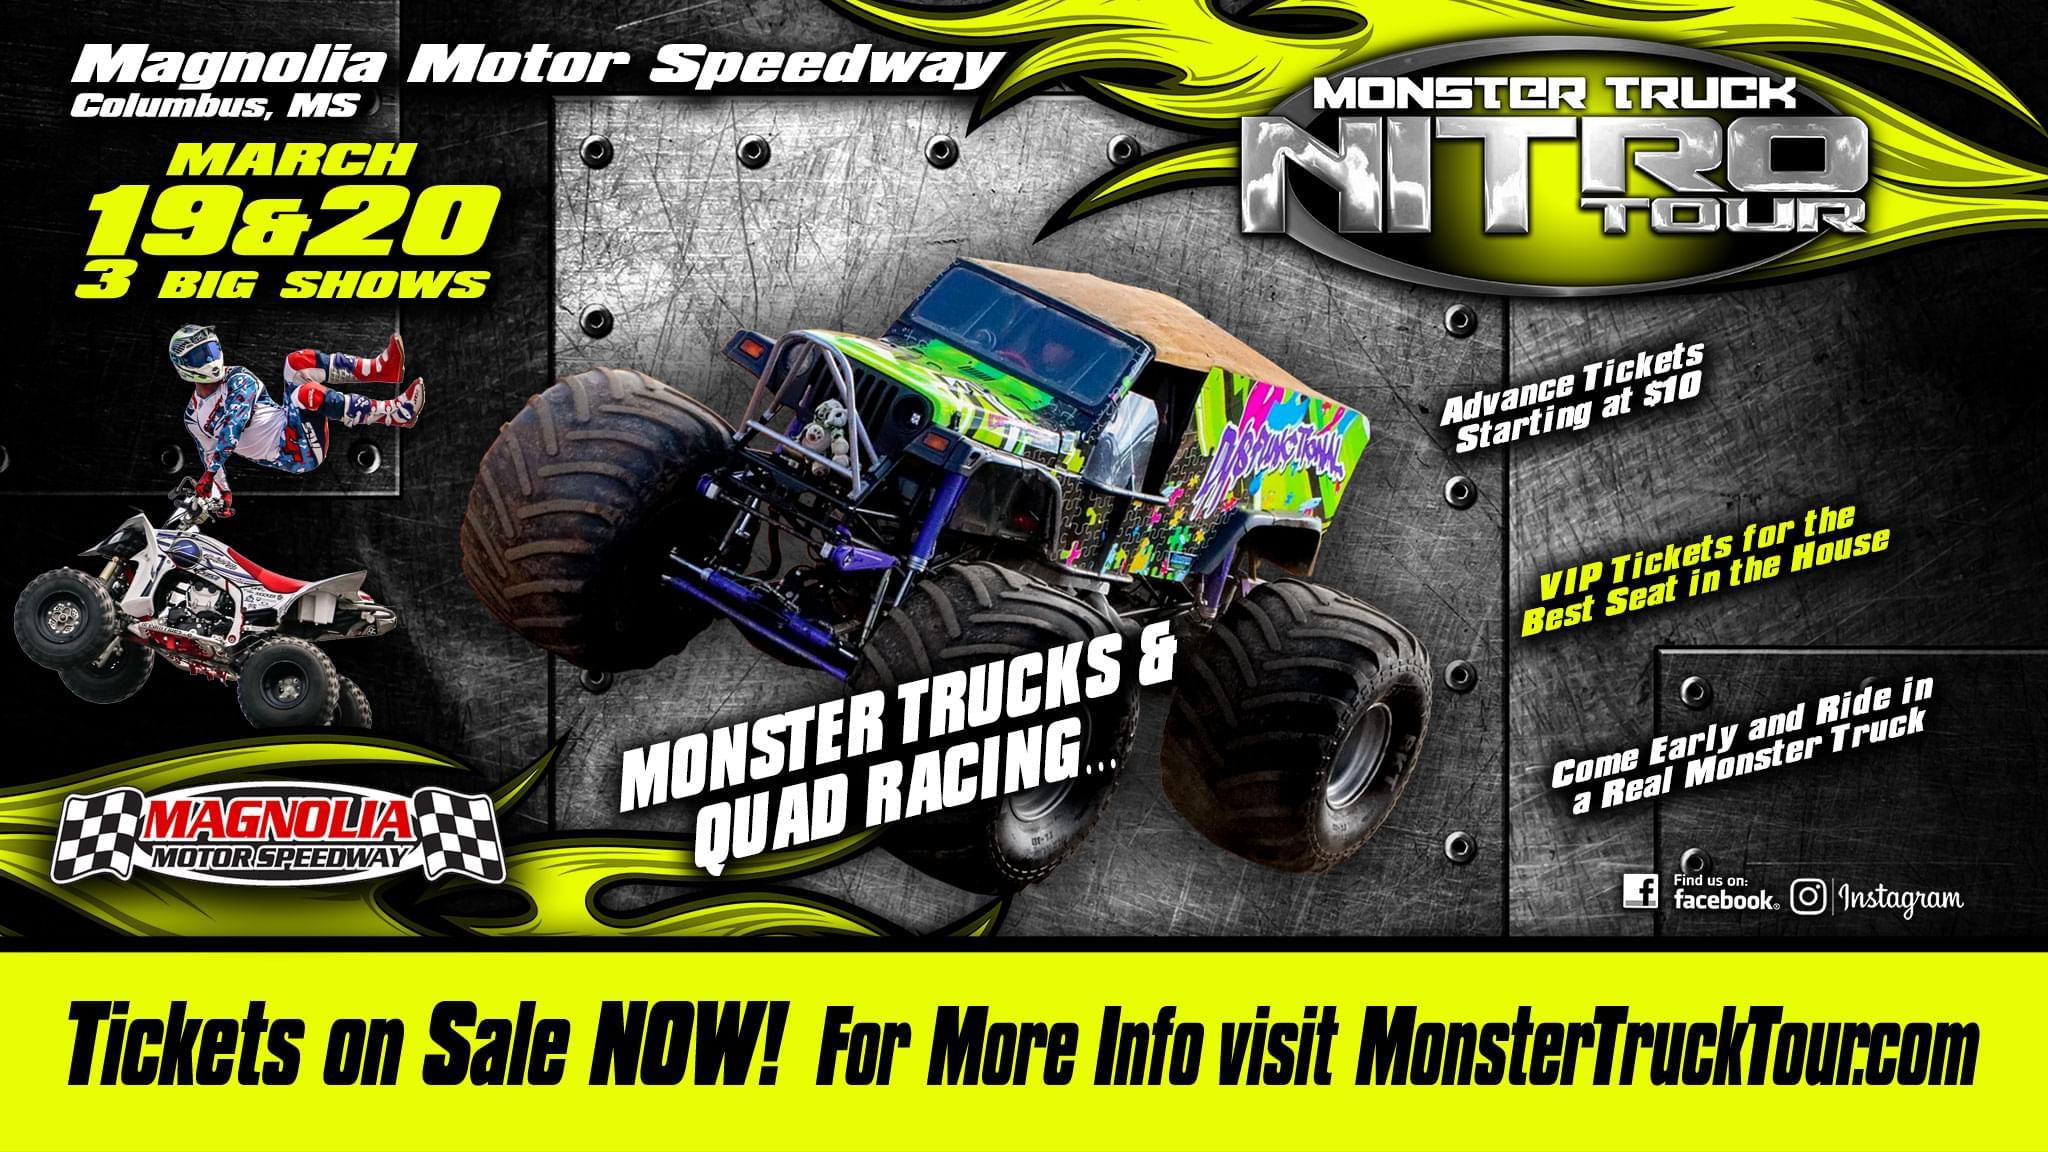 Monster Truck Nitro Tour